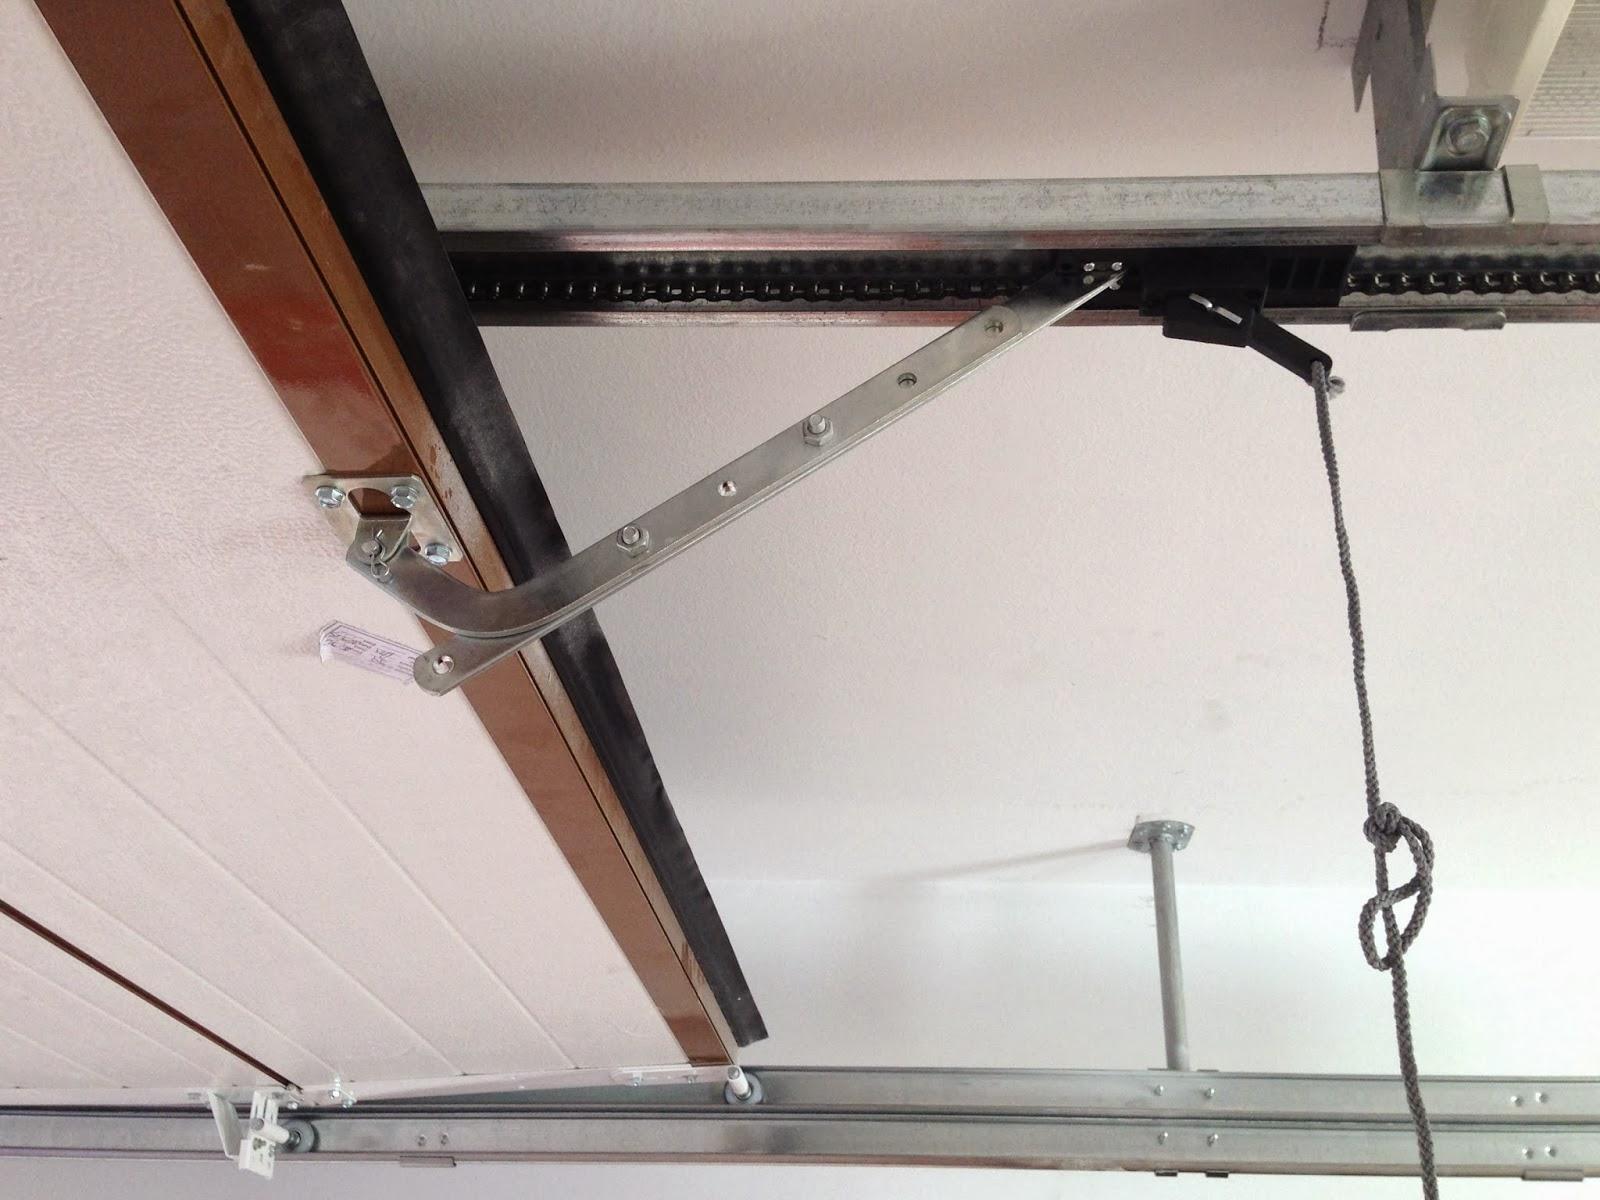 Como instalar motor de puerta garaje seccionada automateasy - Motor puerta garaje seccional ...